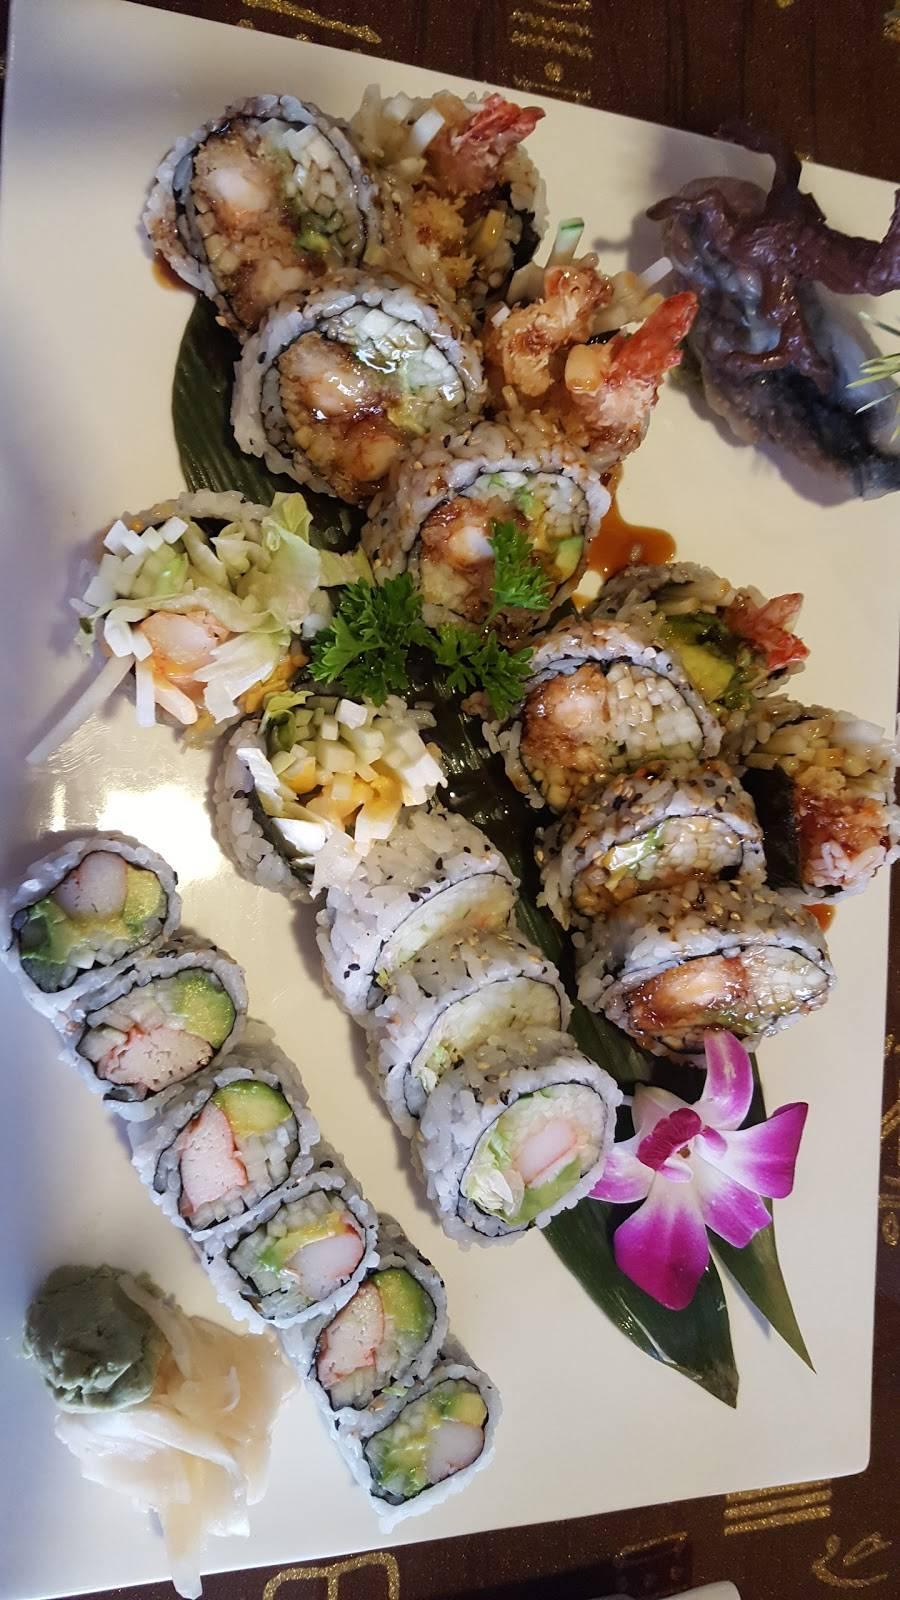 Shogun Japanese Restaurant   restaurant   34980 US Hwy 19 N, Palm Harbor, FL 34684, USA   7273337868 OR +1 727-333-7868